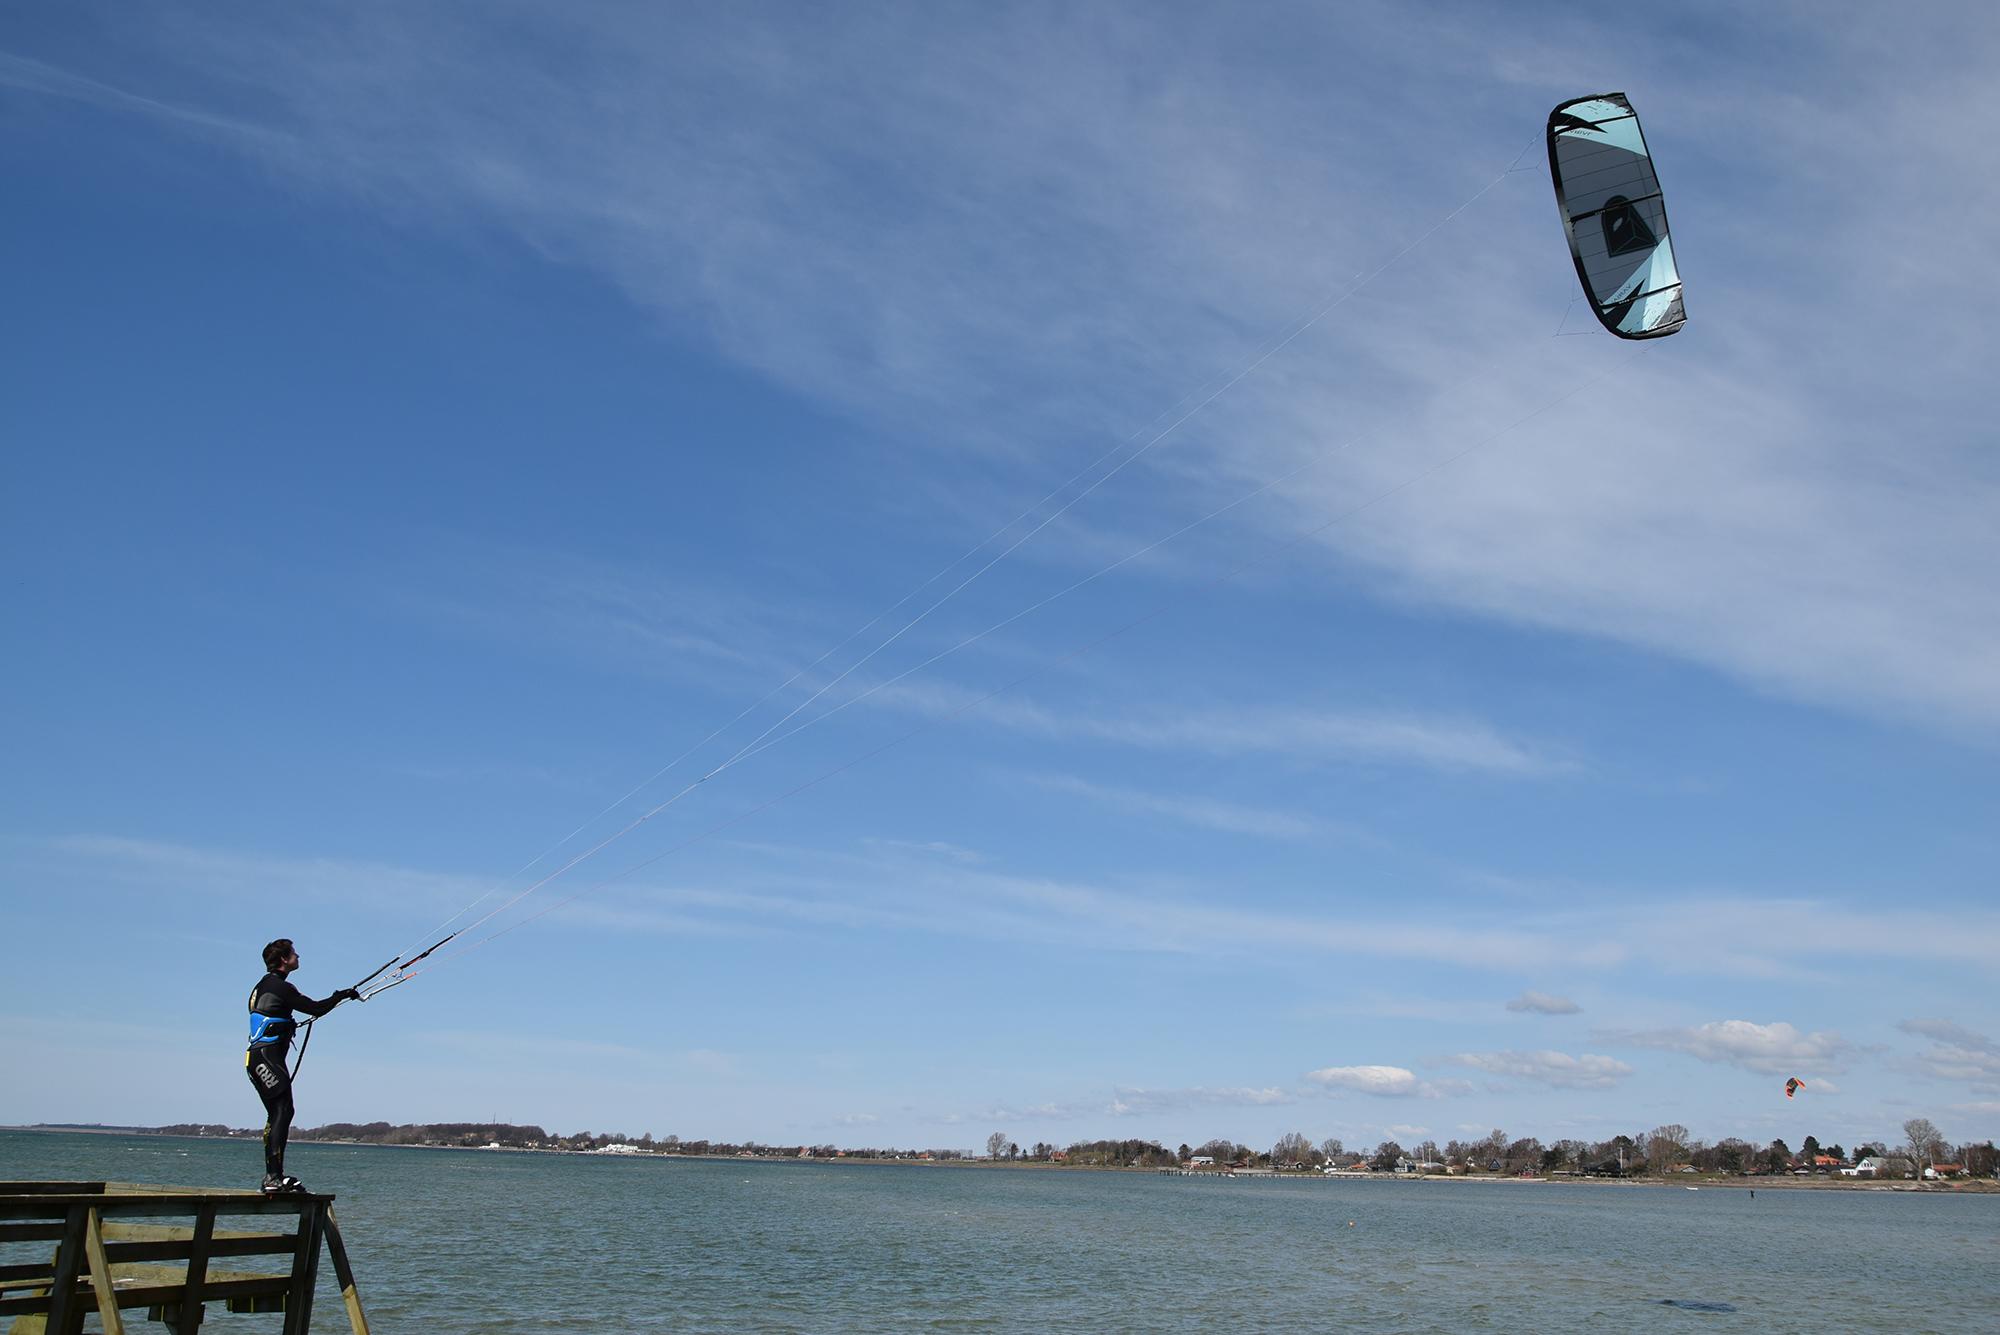 hoppa-fran-brygga-med-kite